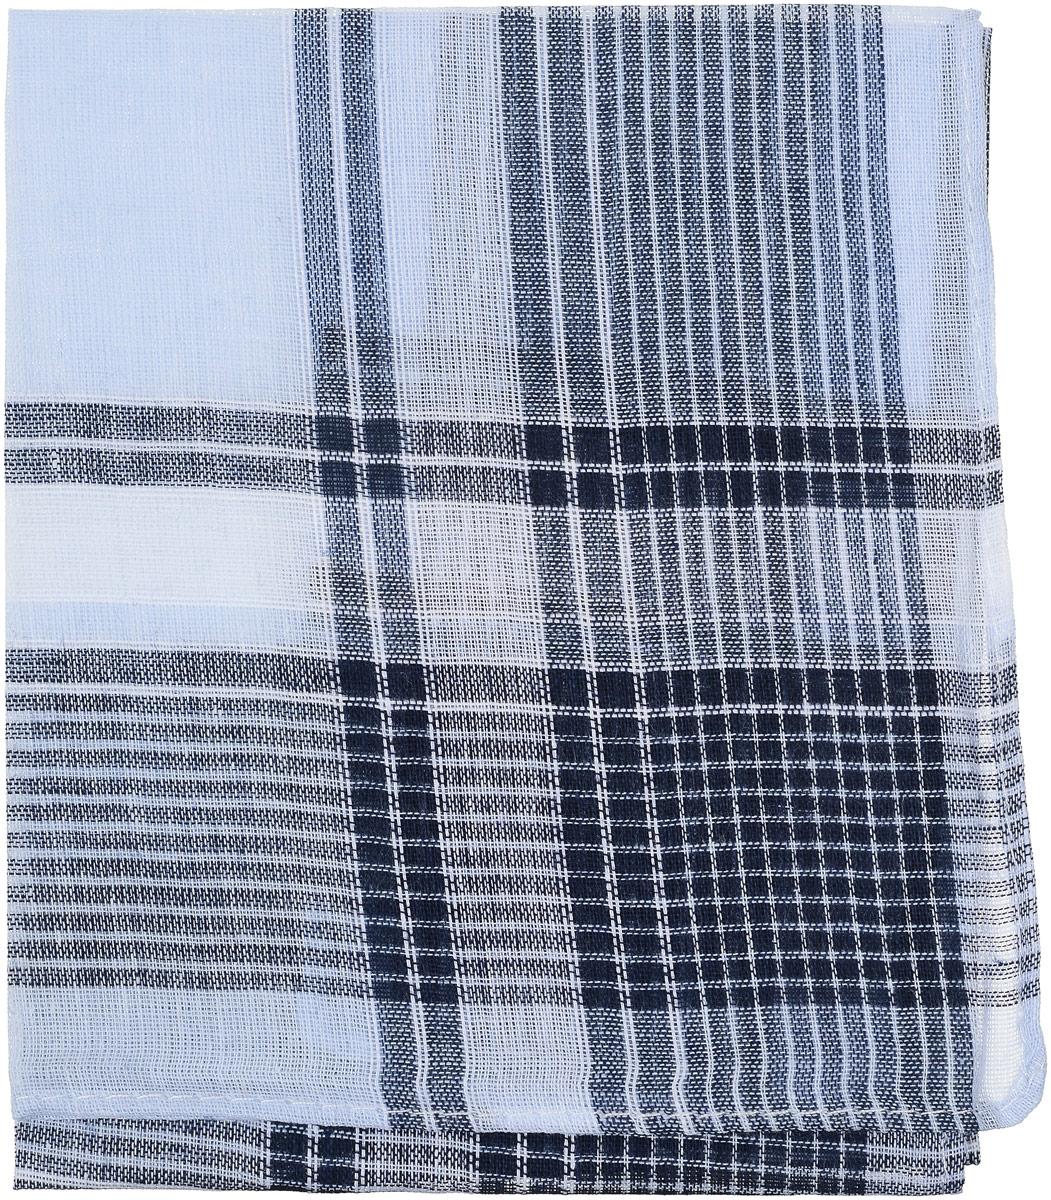 Платок носовой мужской Zlata Korunka, цвет: синий, голубой, белый. 45449. Размер 27 х 27 см45449_синий, голубой, белыйПлаток носовой мужской Zlata Korunka выполнен из 100% хлопка и имеет оригинальный дизайн, подчеркивающий ваш статус. Размер 27 х 27 см